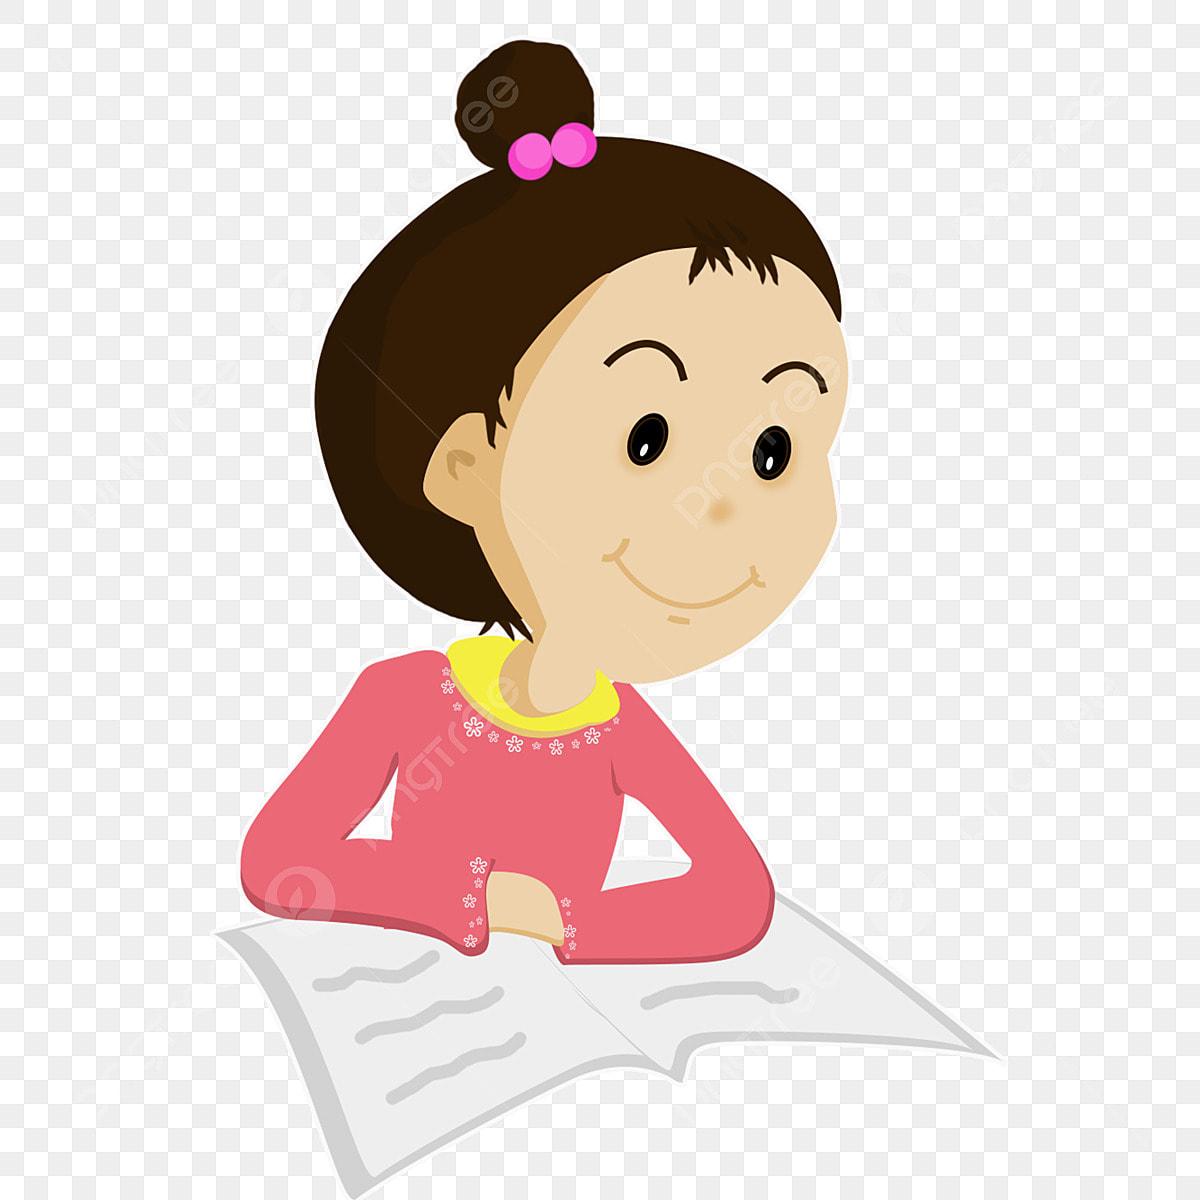 Hình ảnh Phim Hoạt Hình Cô Bé Cô Bé đọc Sách Đọc Sách Ngày Lễ Học Chăm Chỉ,  Làm Bài Tập, Hình, Sinh Viên miễn phí tải tập tin PNG PSDComment và